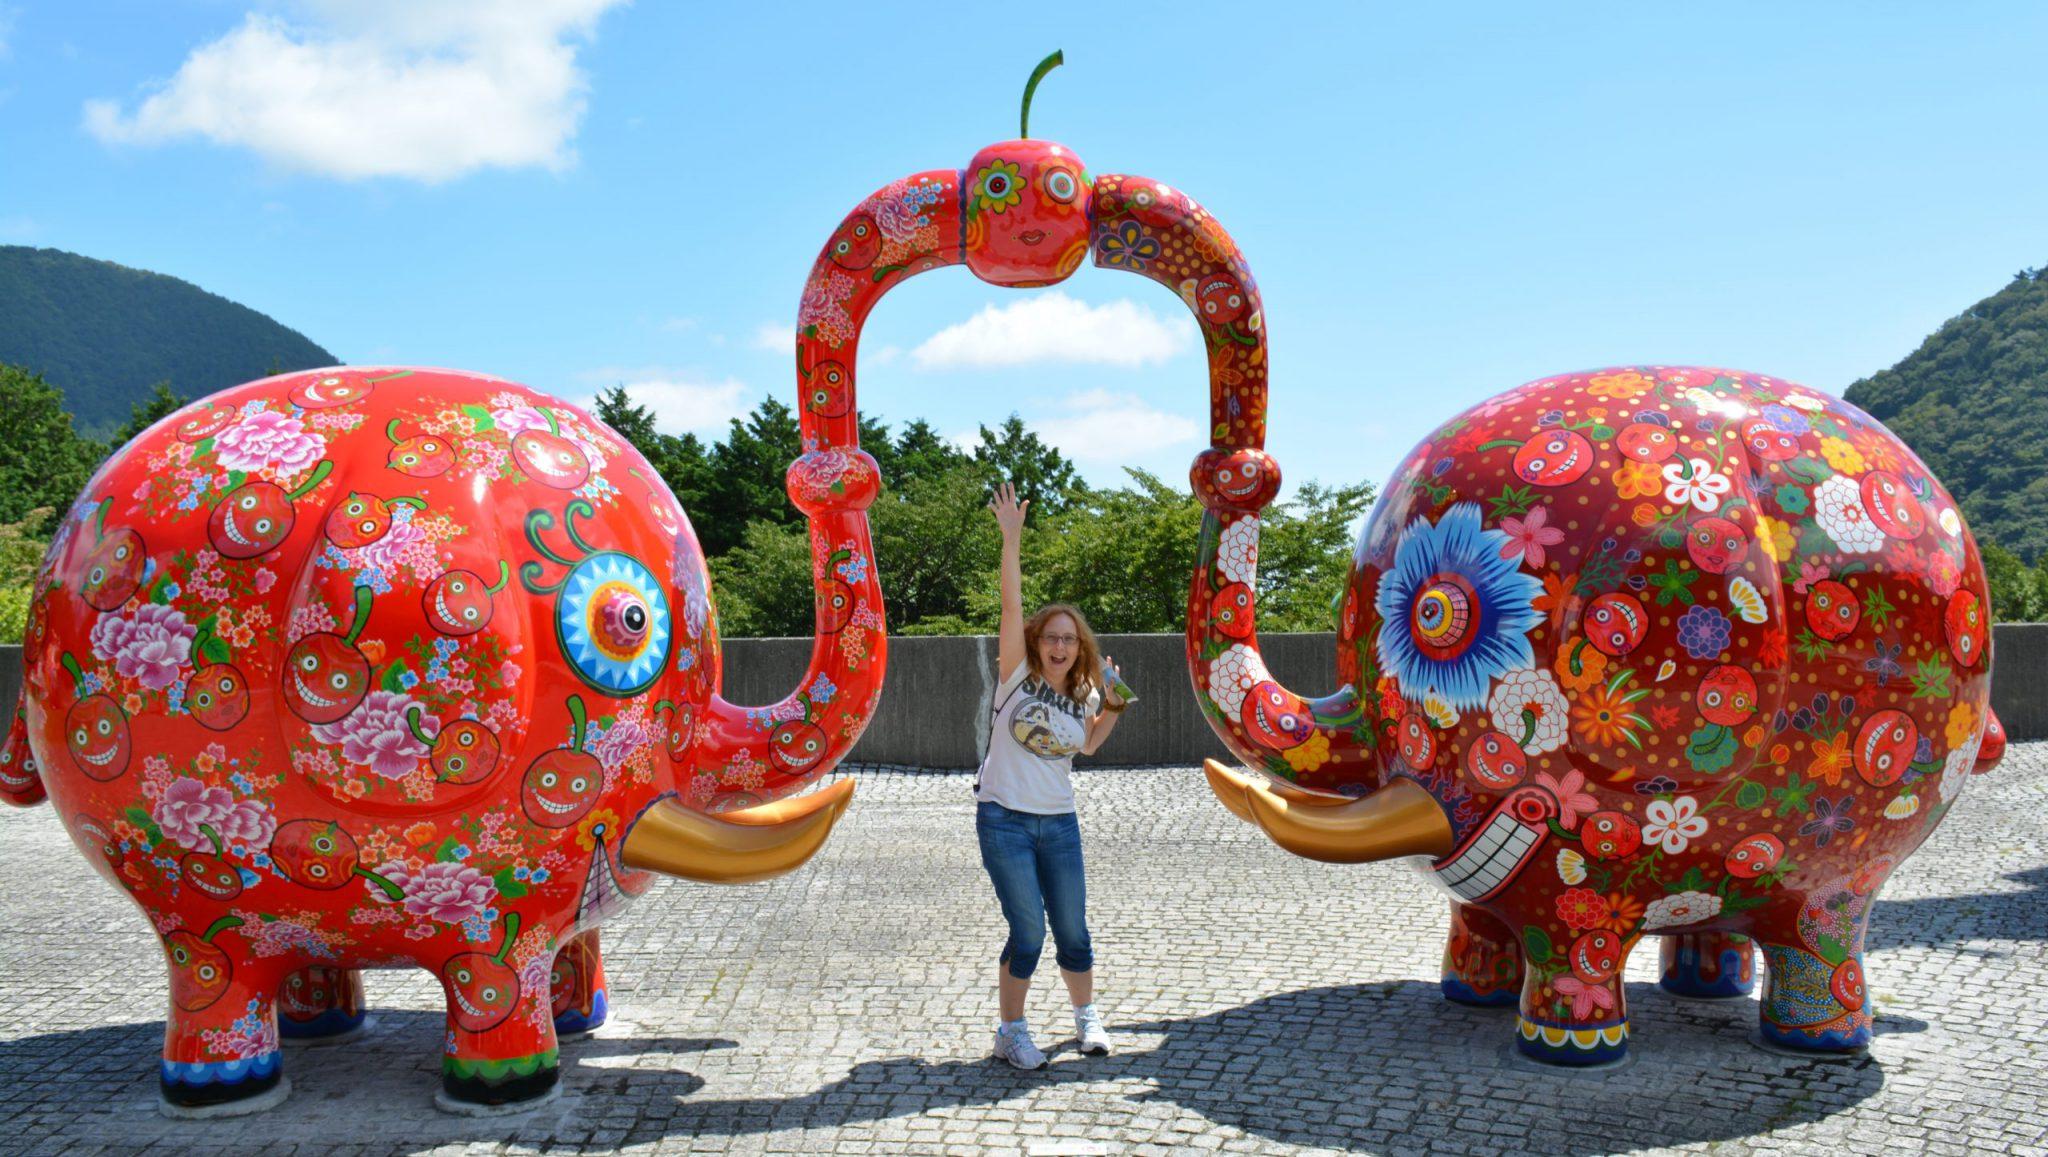 Unos elefantes muy graciosos